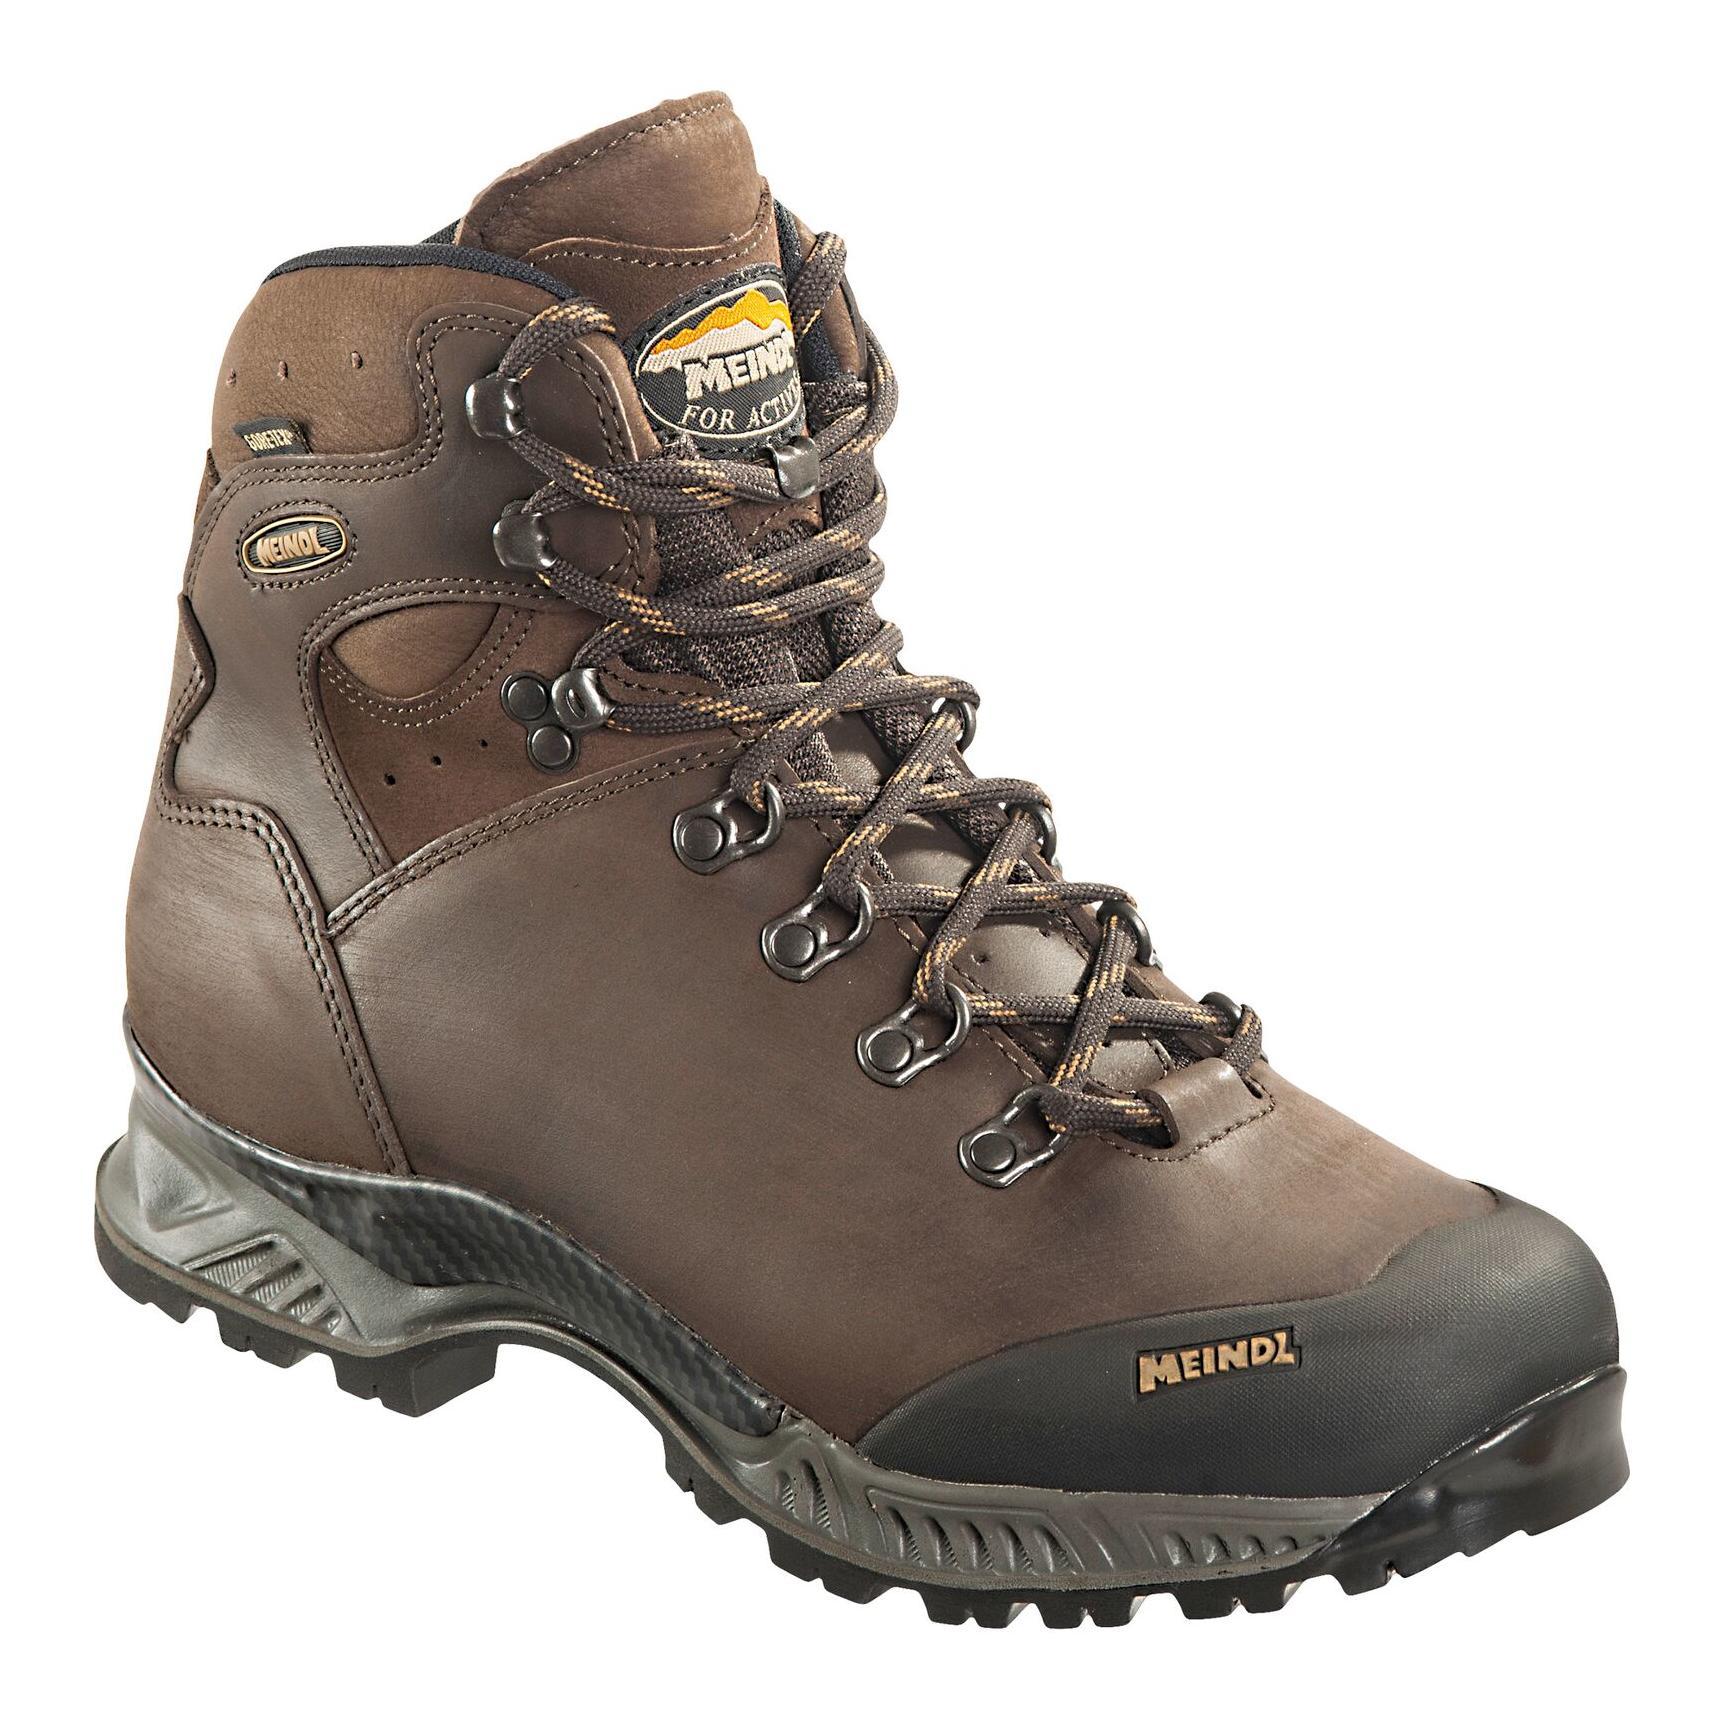 Meindl softline top gore-tex marron et noir : chaussures de randonnée  modèle homme